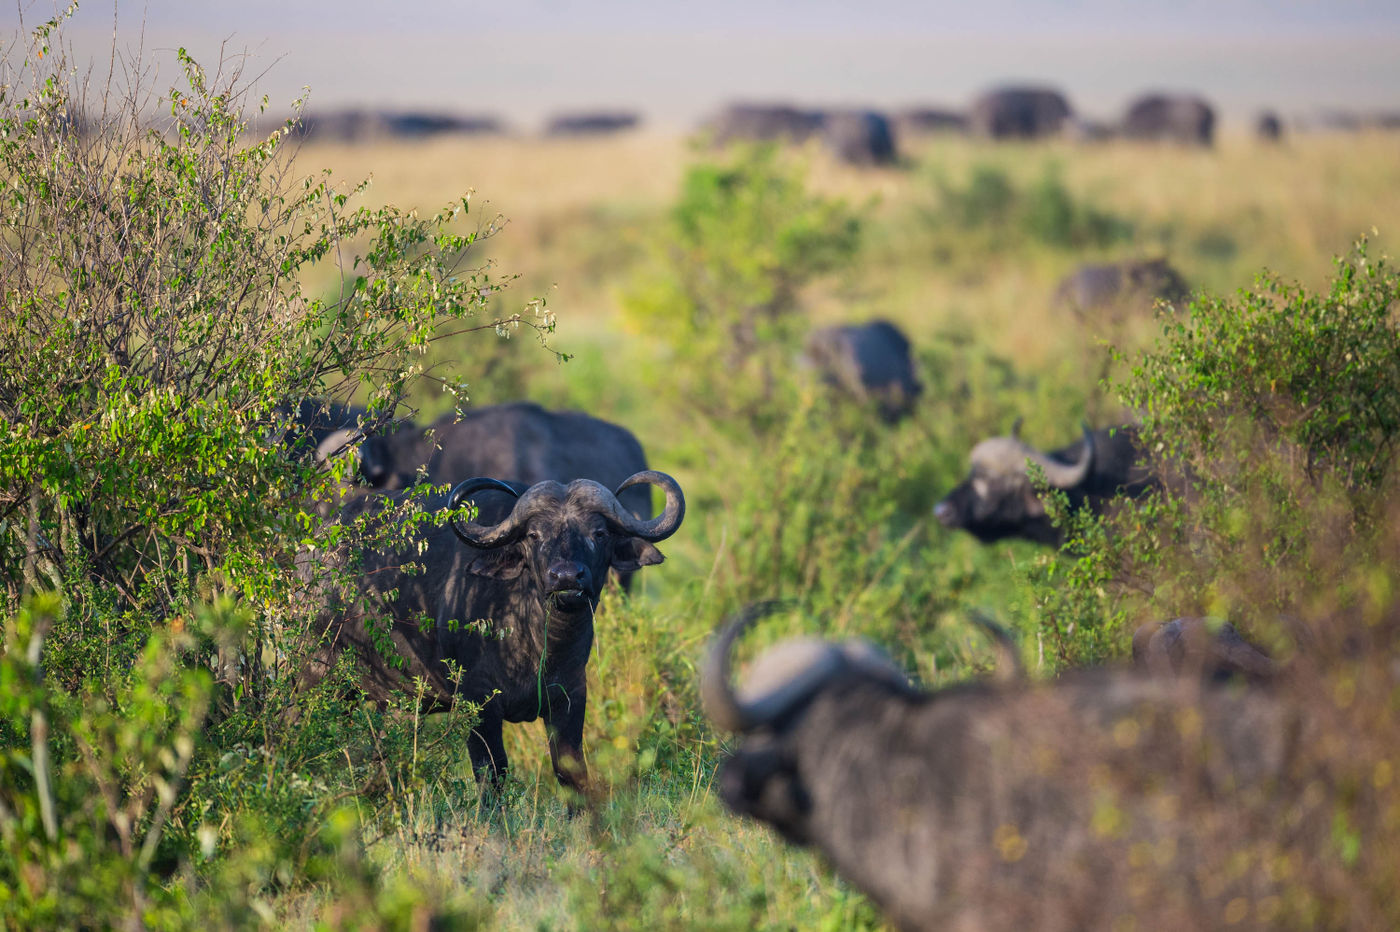 Buffels zijn heuse mastodonten. Soms vind je groepen van enkele honderden exemplaren. © Billy Herman